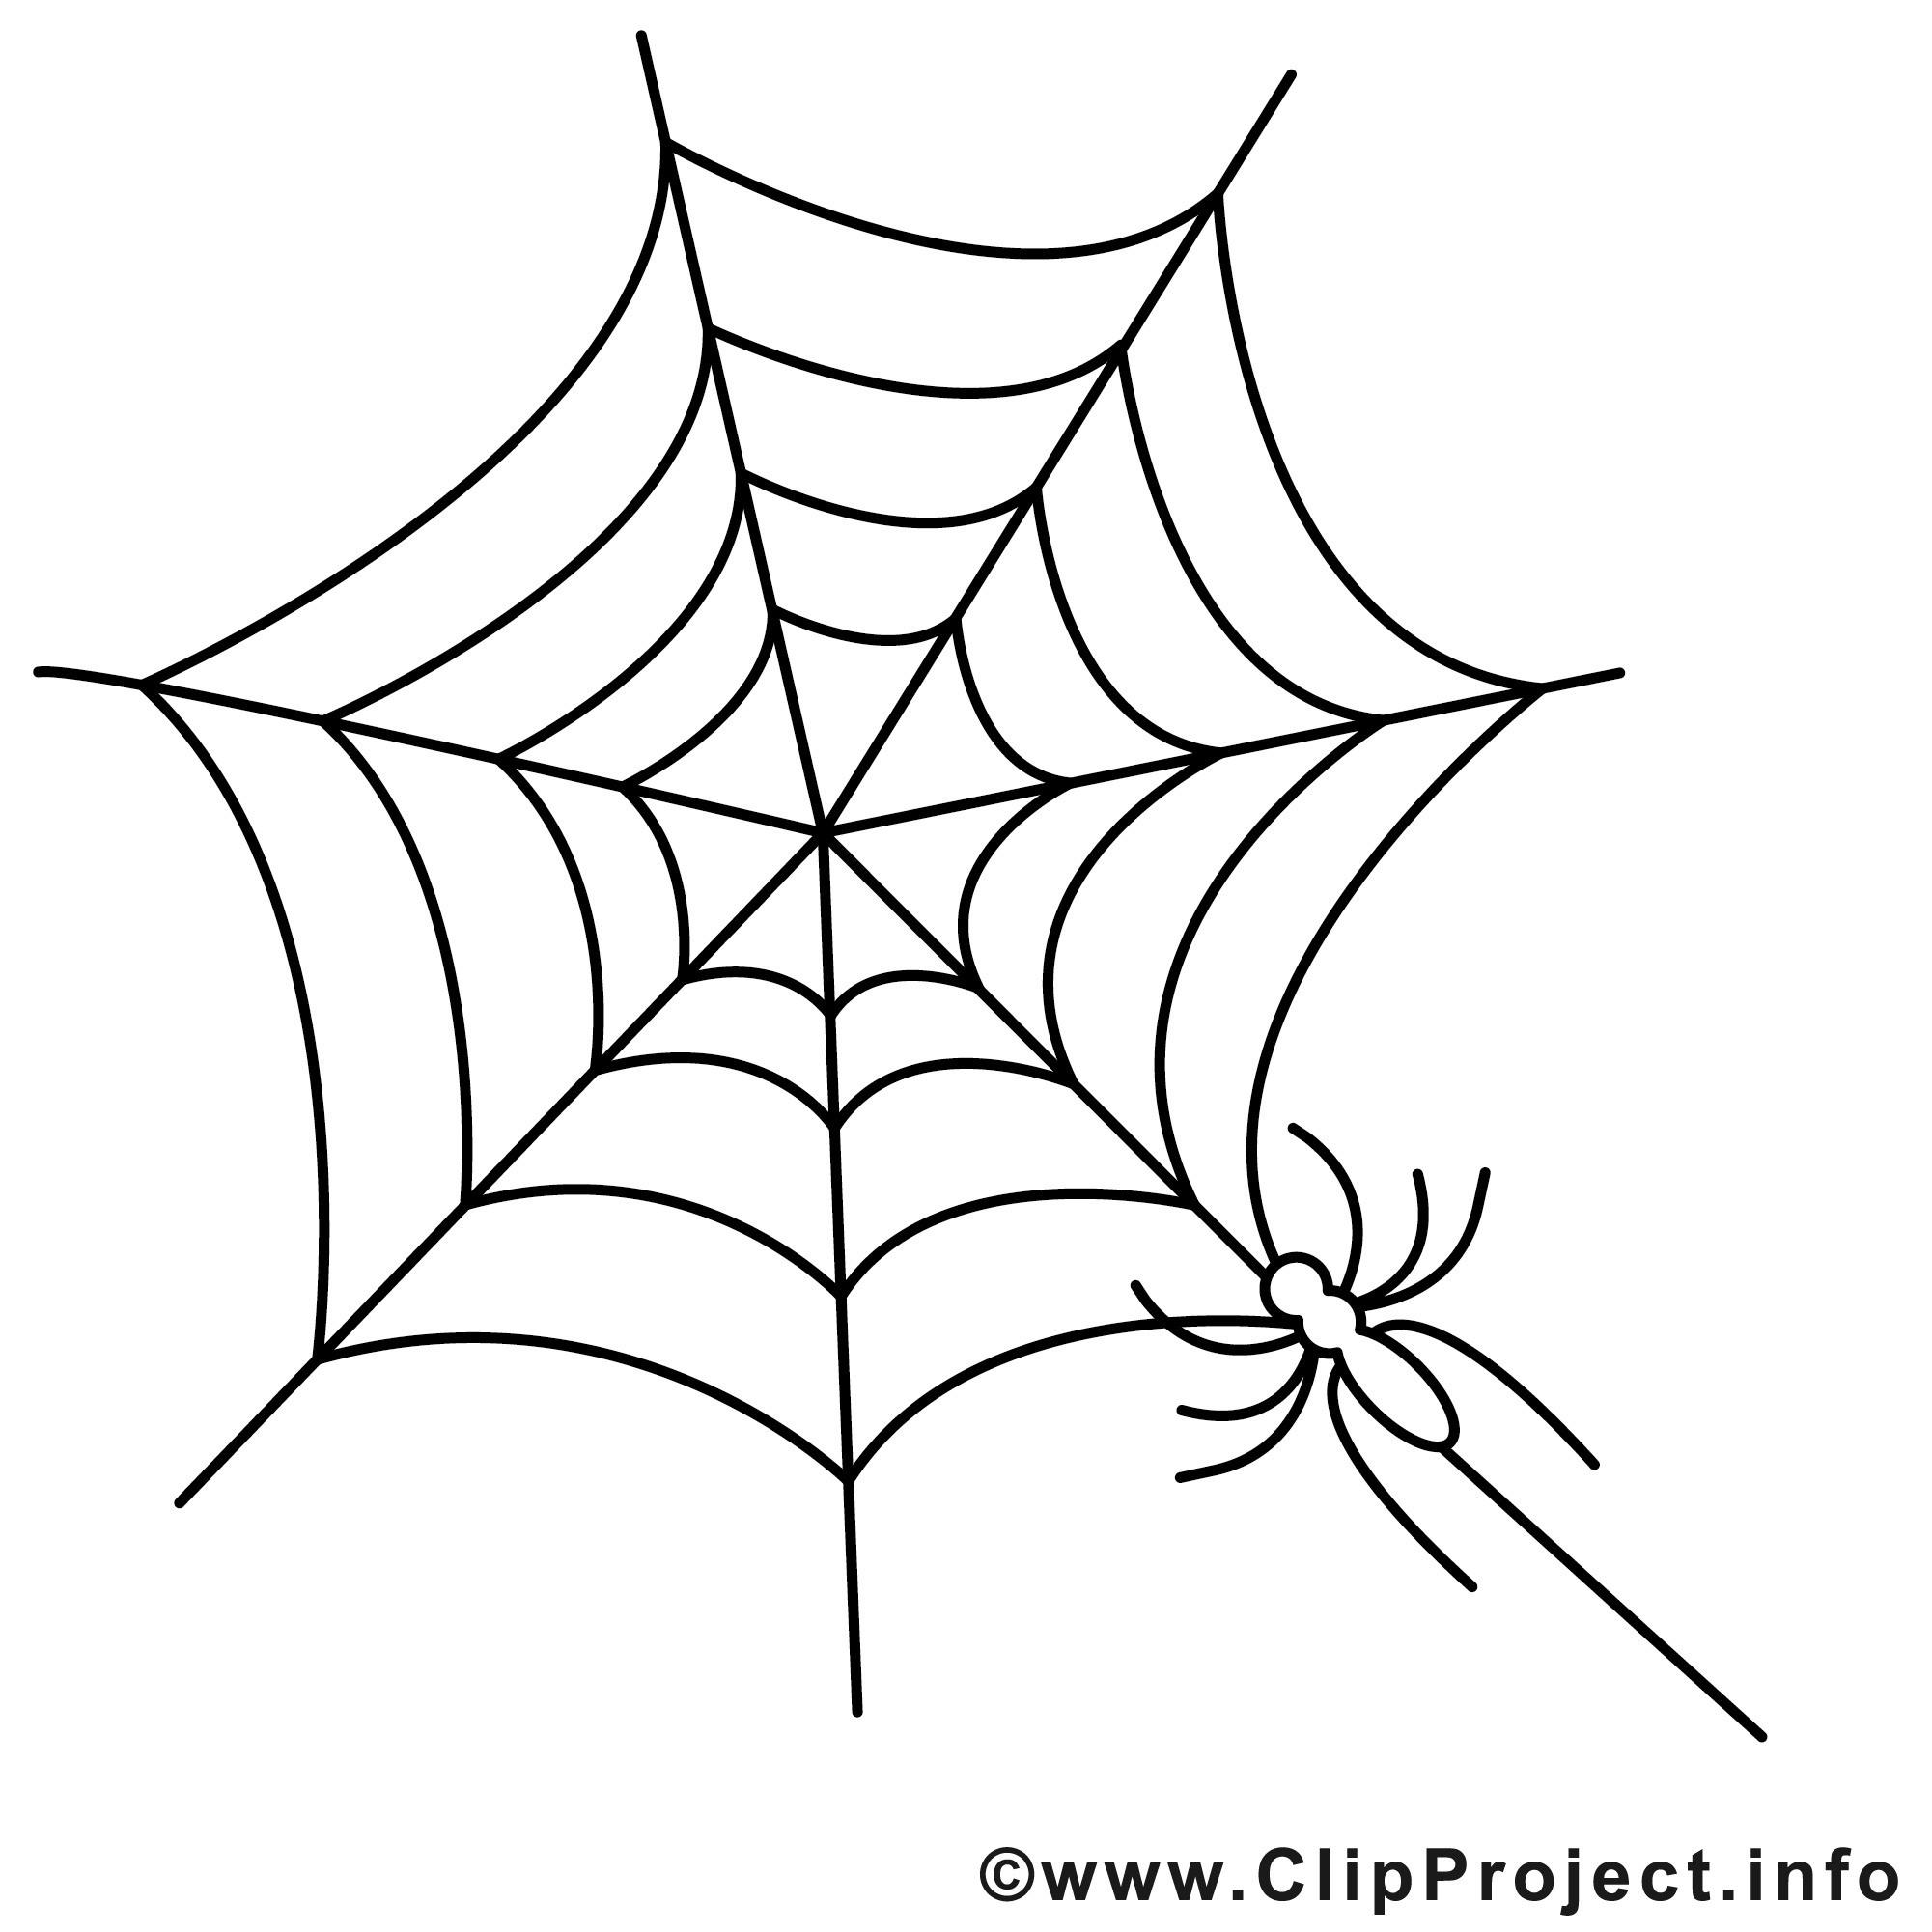 Spinnennetz Mit Spinne Malvorlage Neu Malvorlagen Und Briefpapier Gratis Zum Drucken Basteln Mit Kindern Sammlung